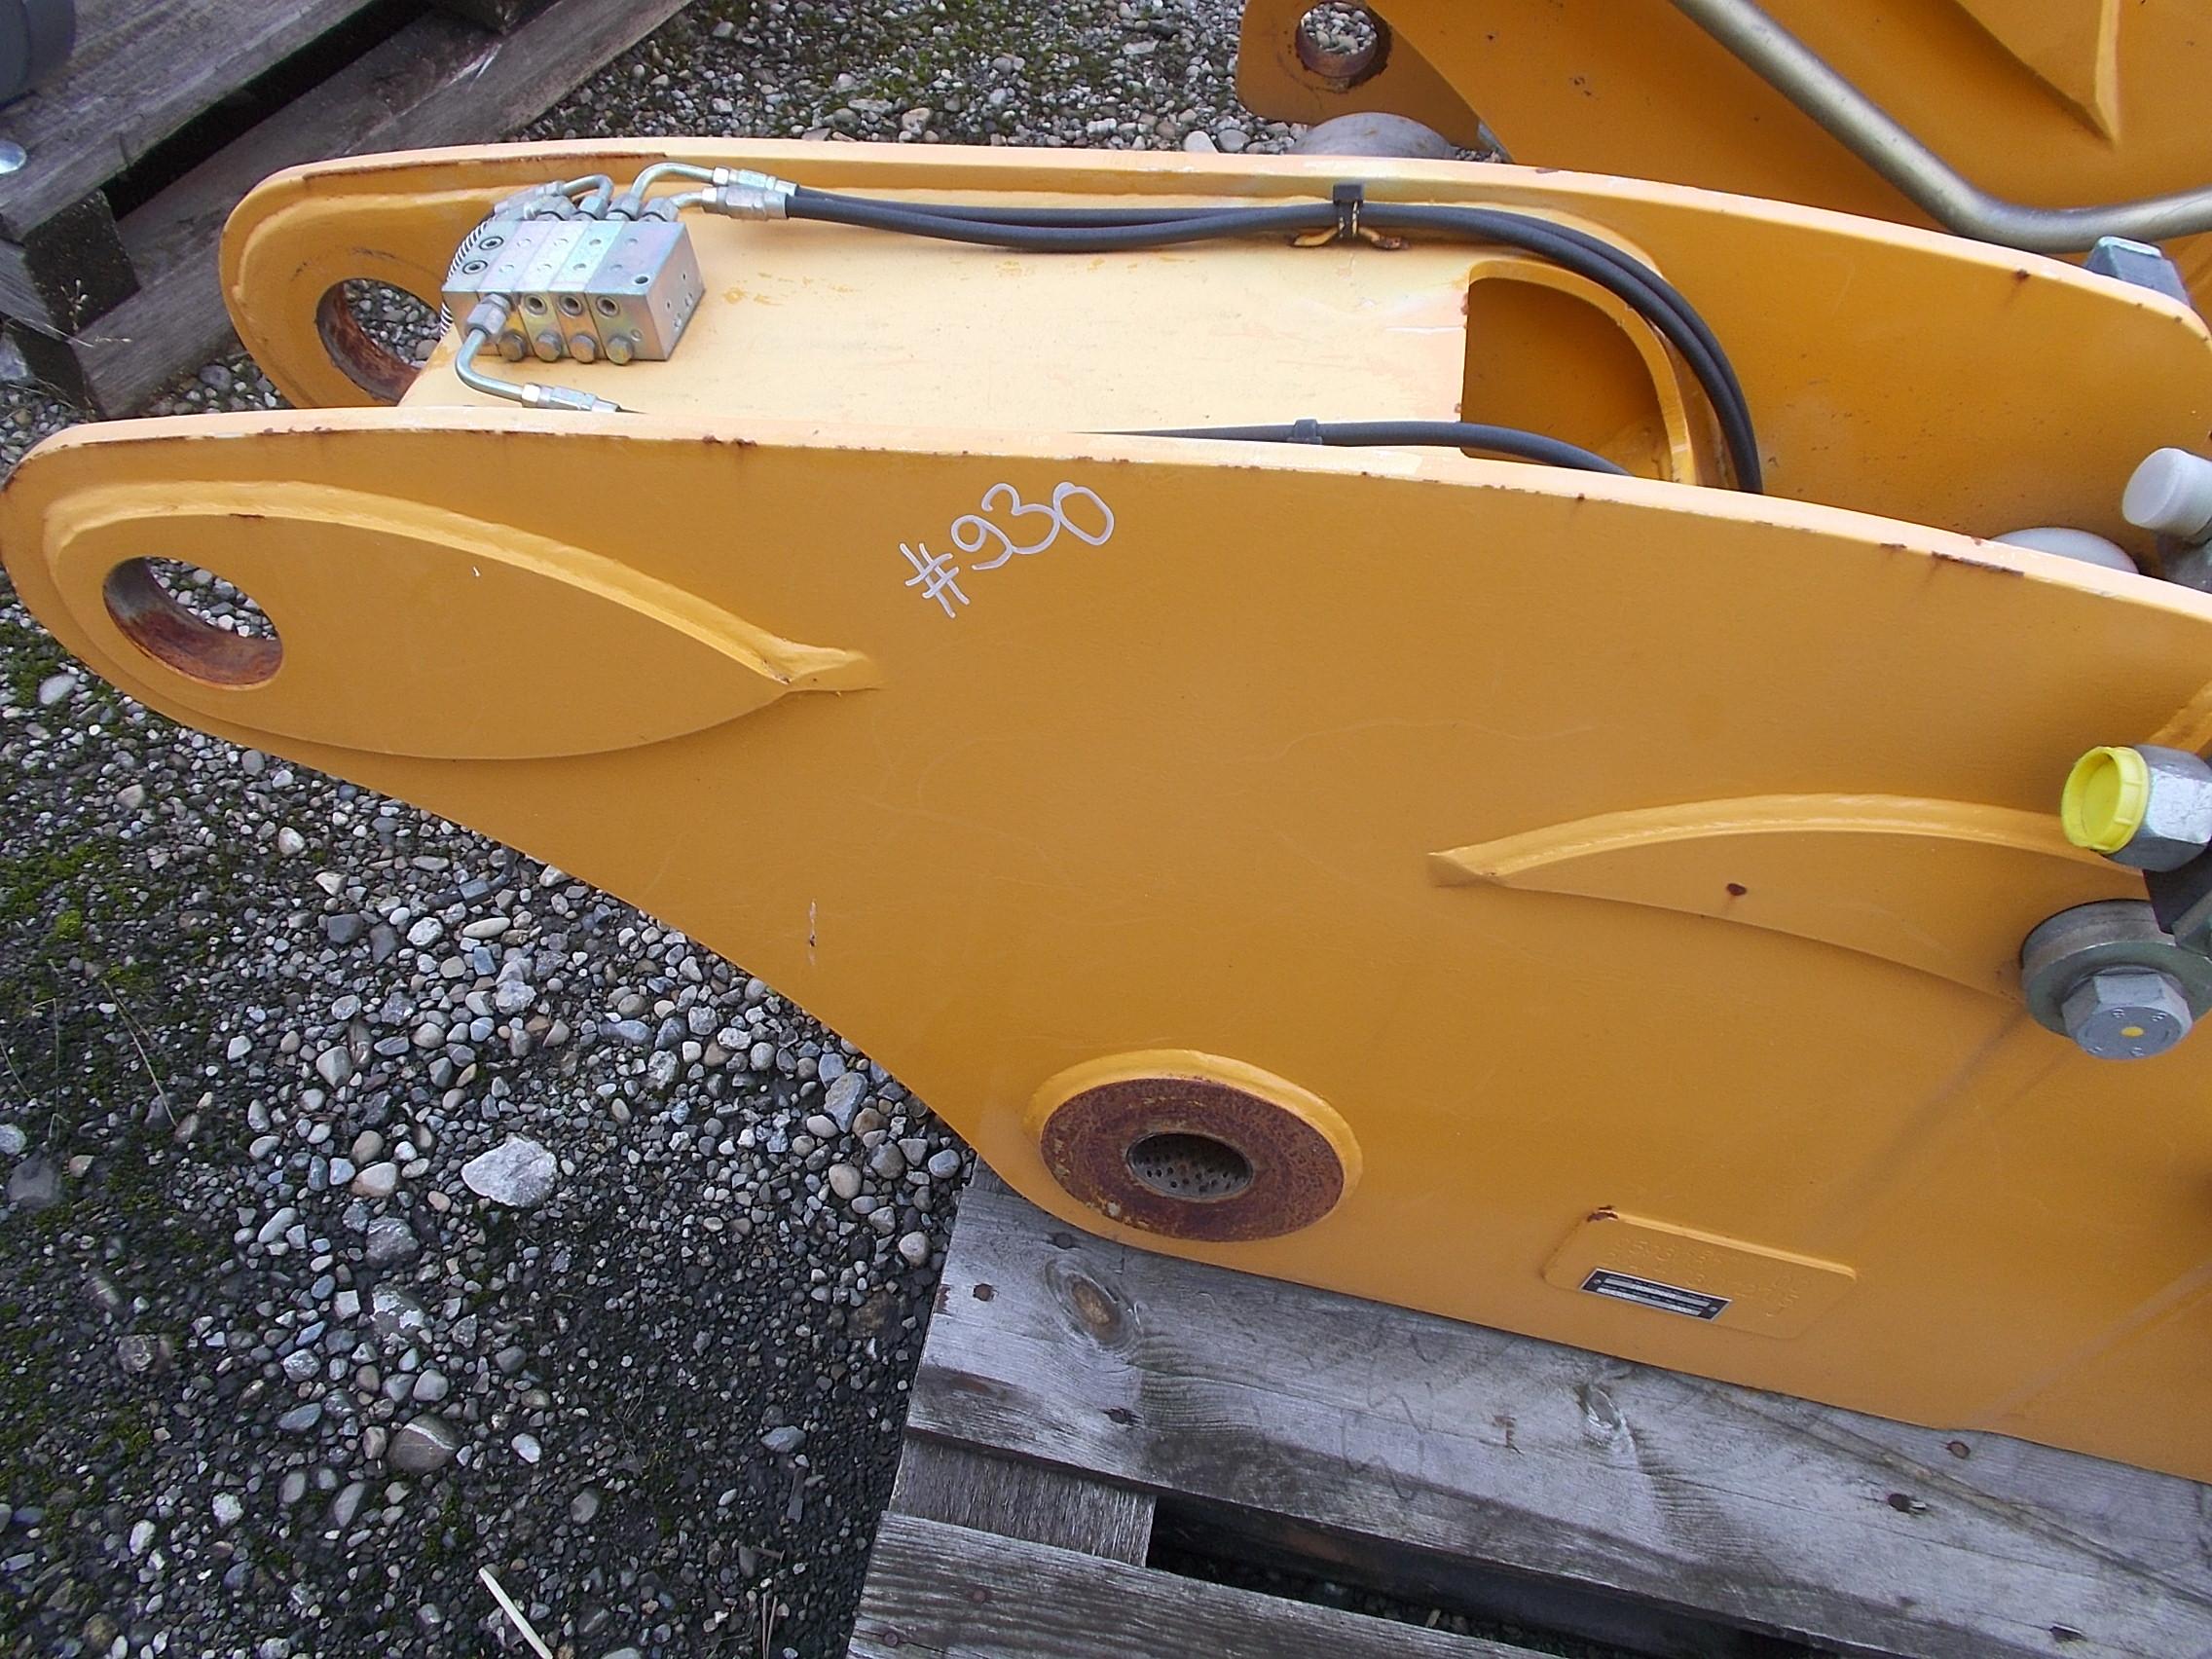 DSCN5251.JPG